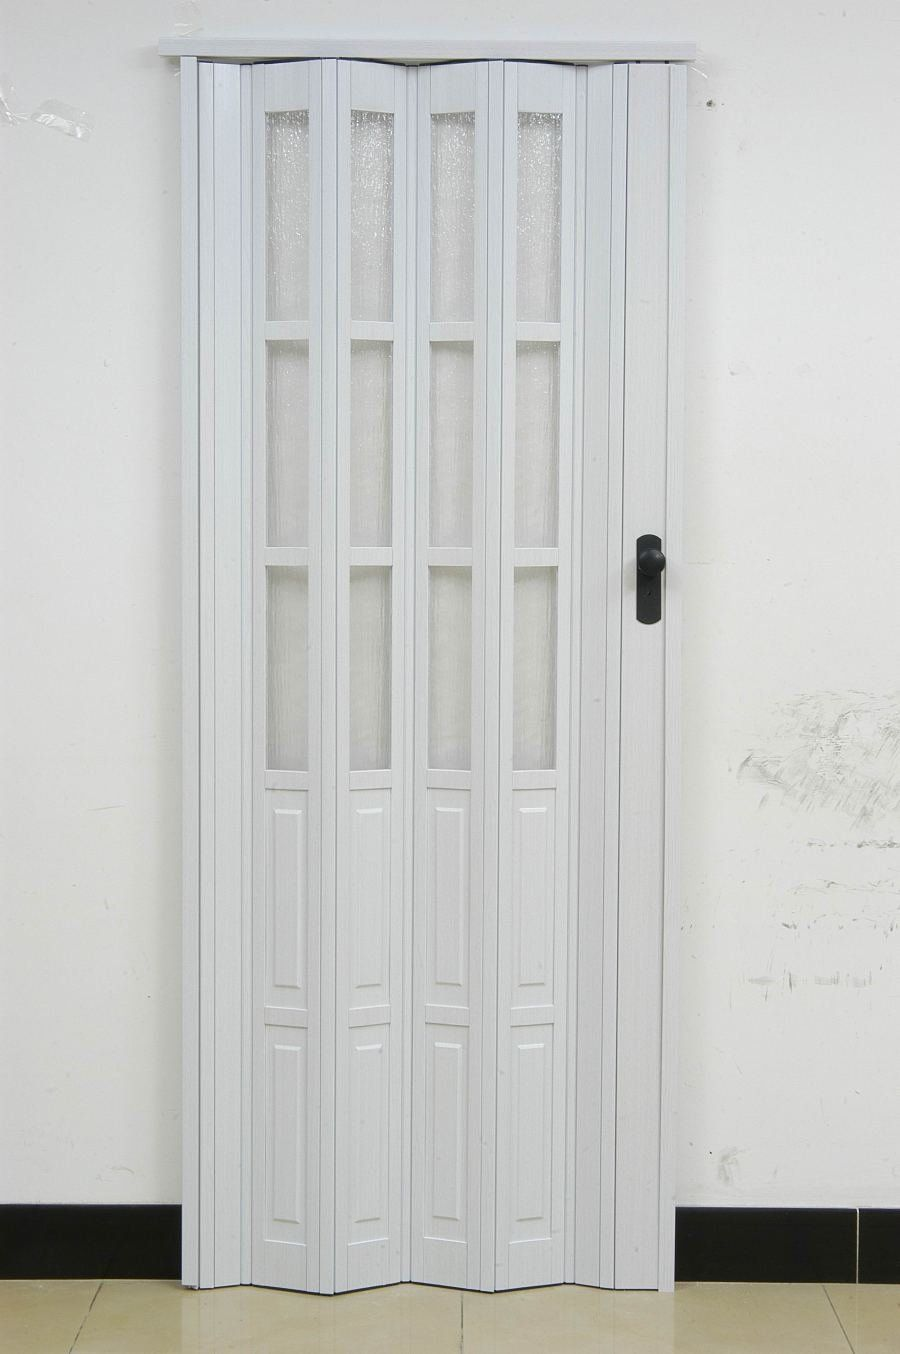 PVC Folding Door L10 003PS,Casual Door,plastic Door,accordion Doors,H205cm